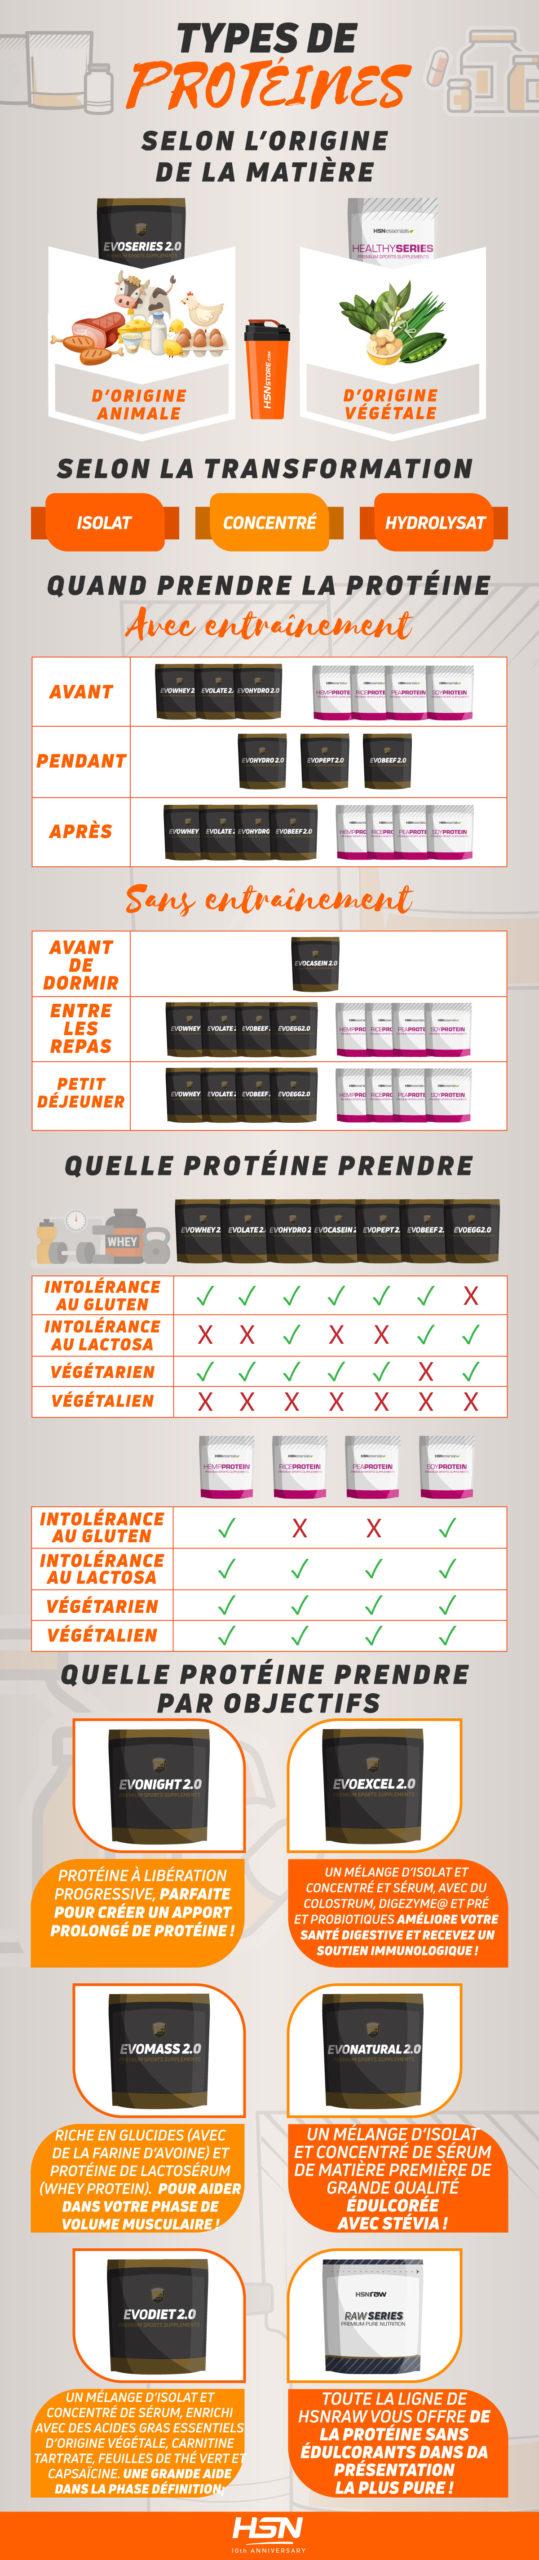 Types de Protéine